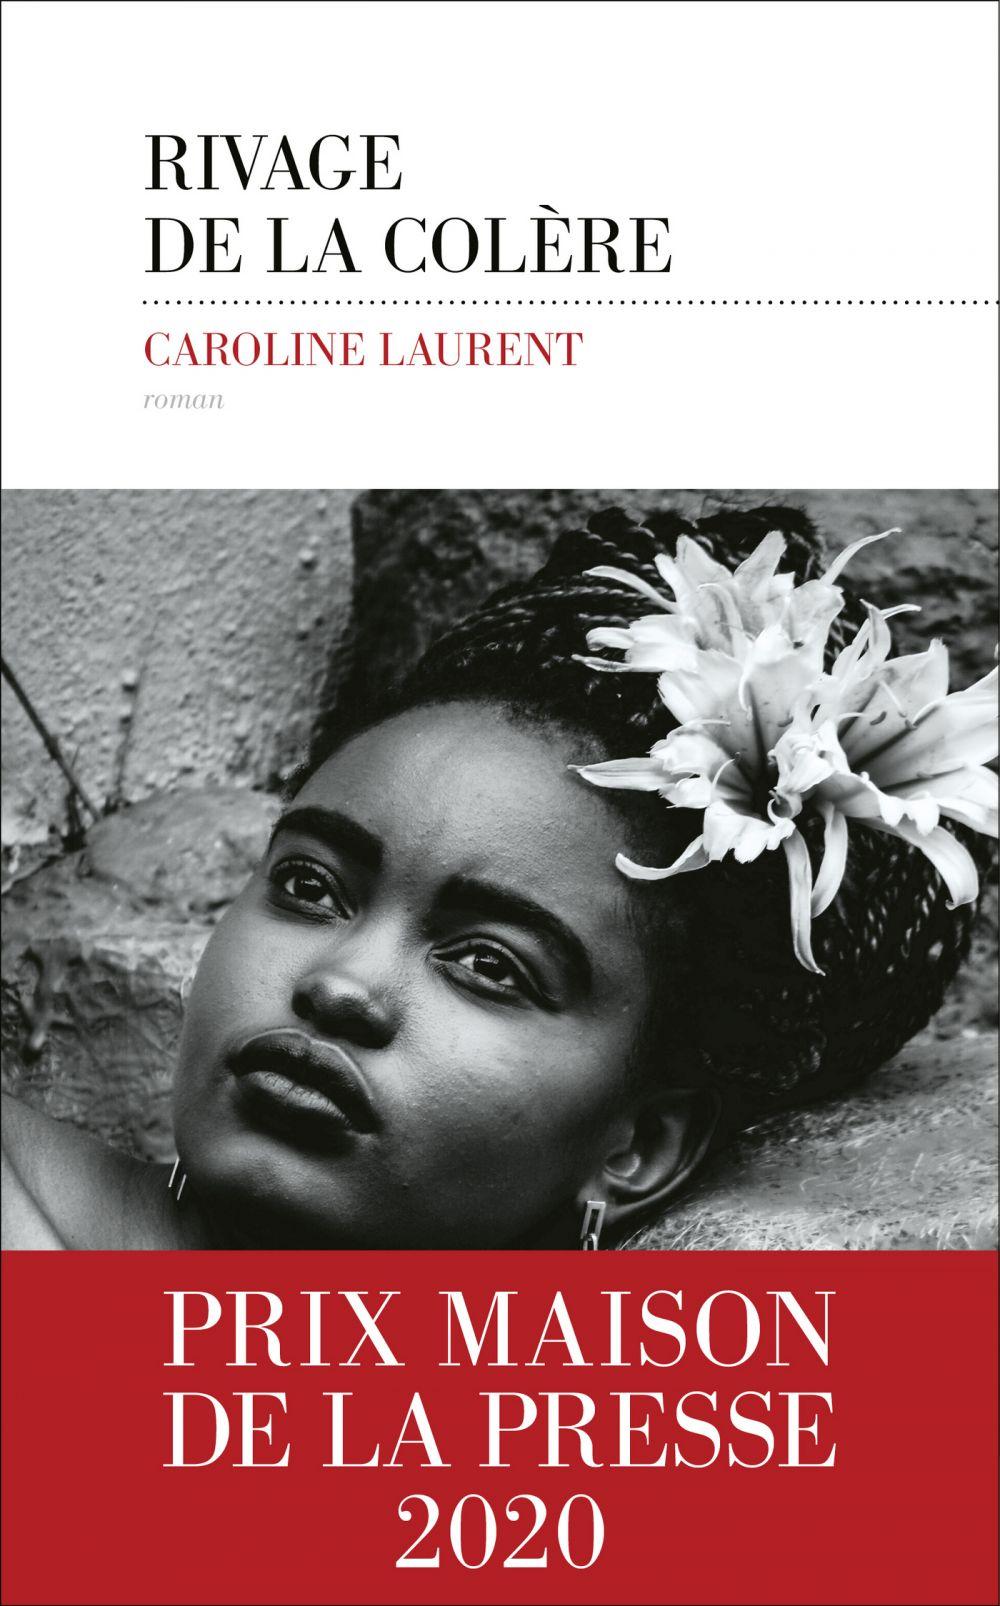 Rivage de la colère - Prix Maison de la Presse 2020 | LAURENT, Caroline. Auteur